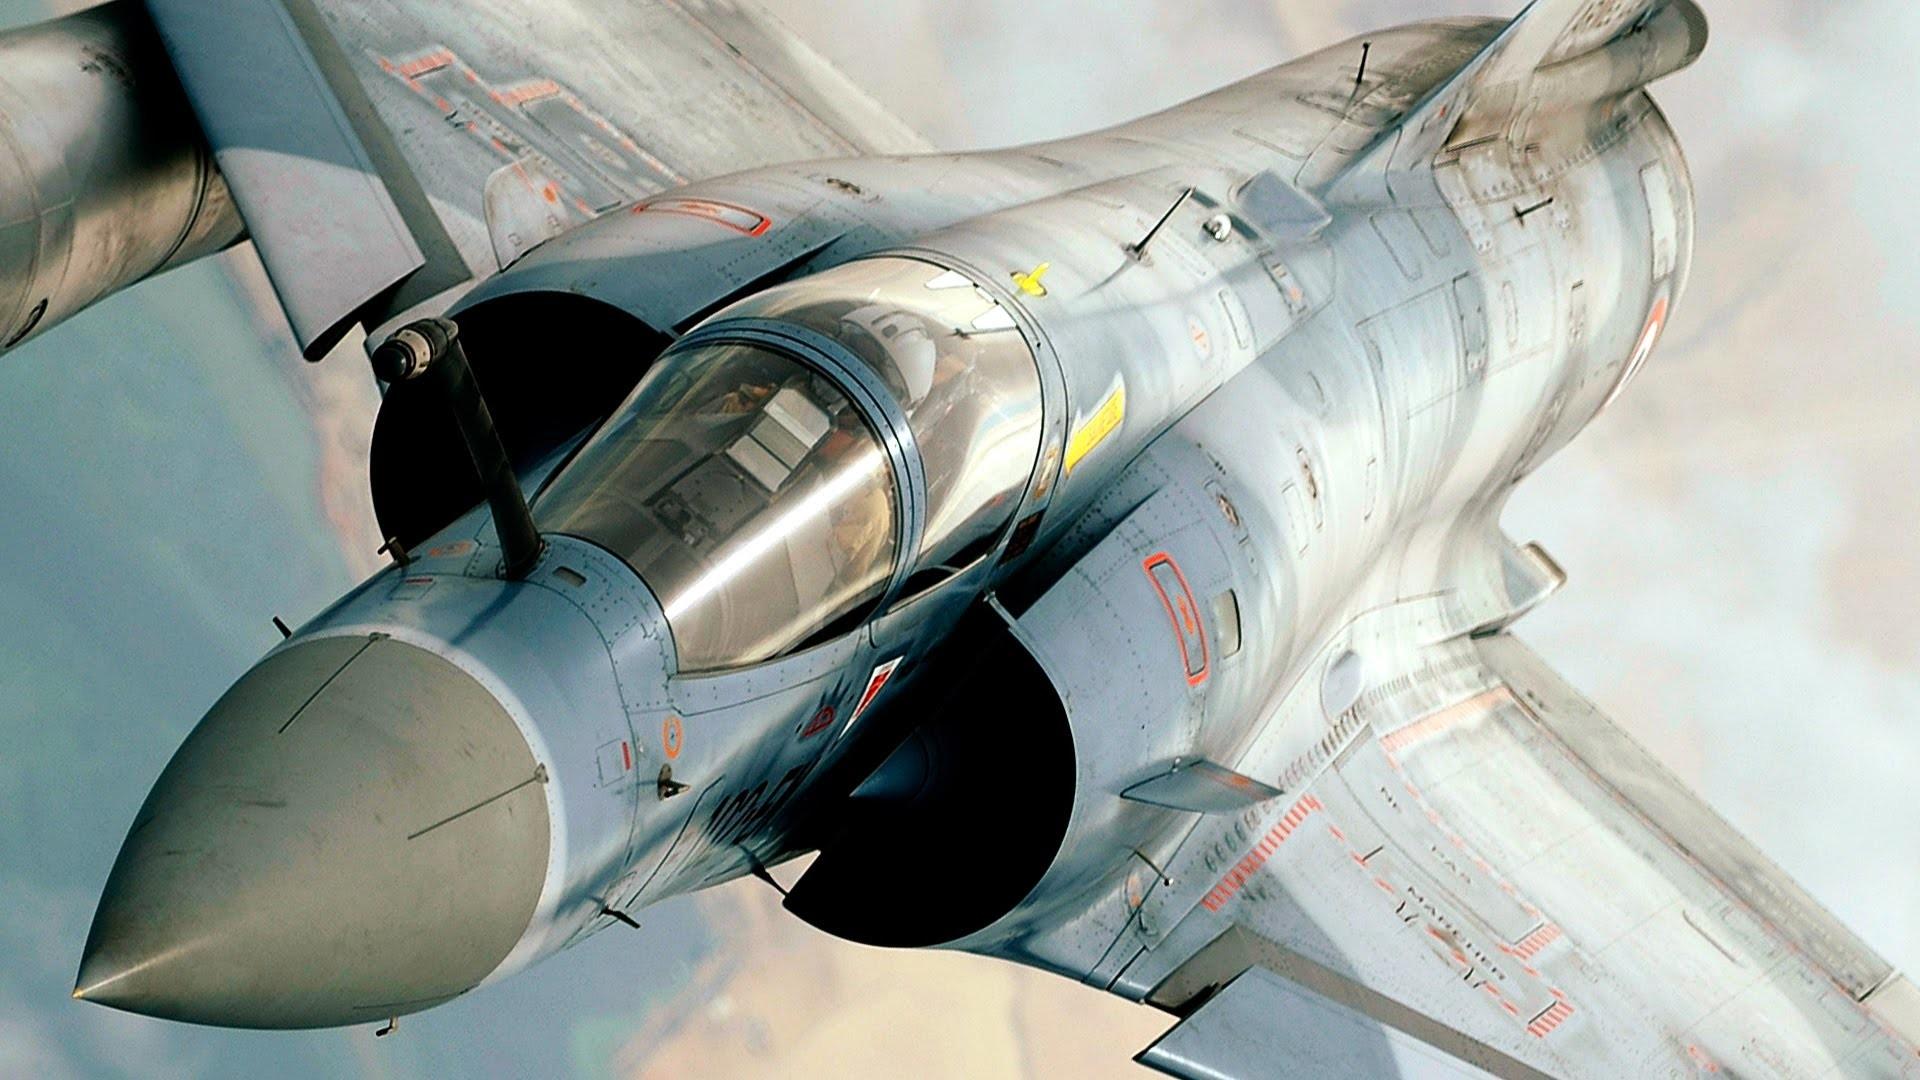 Dassault Mirage 2000 Wallpapers 67 Images